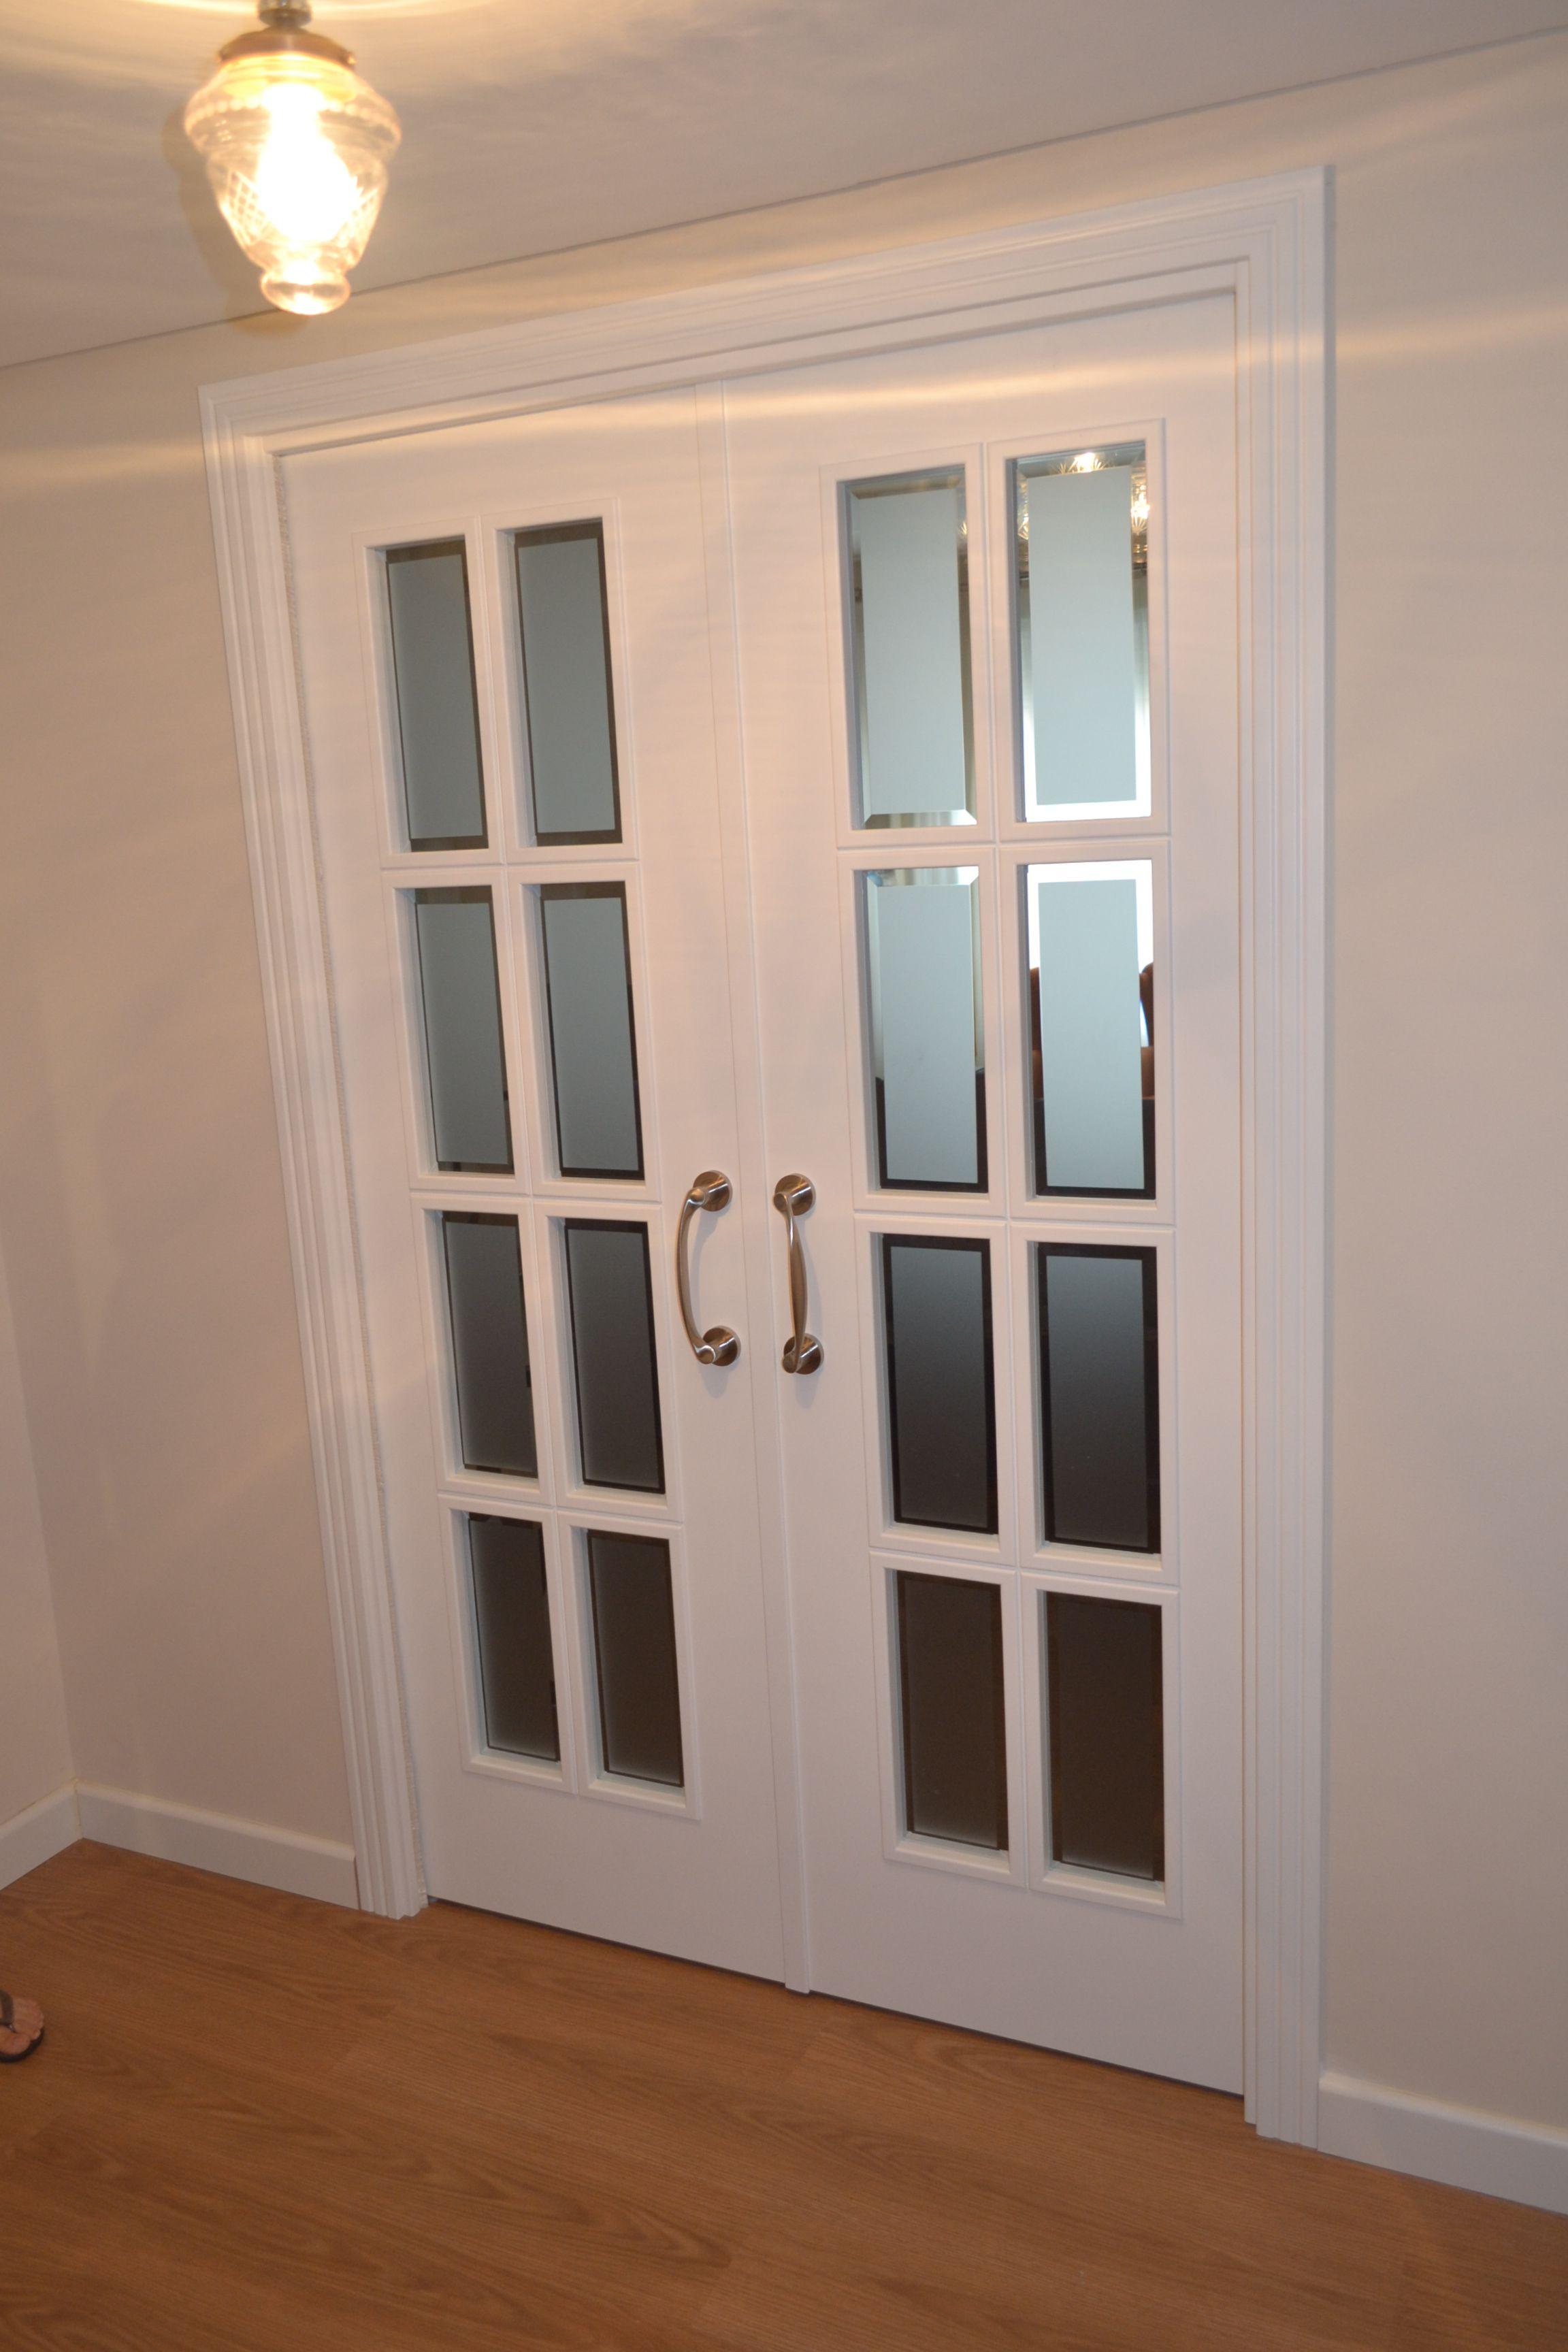 Dise o de puerta interior en sal n de hogar home for Puertas de diseno